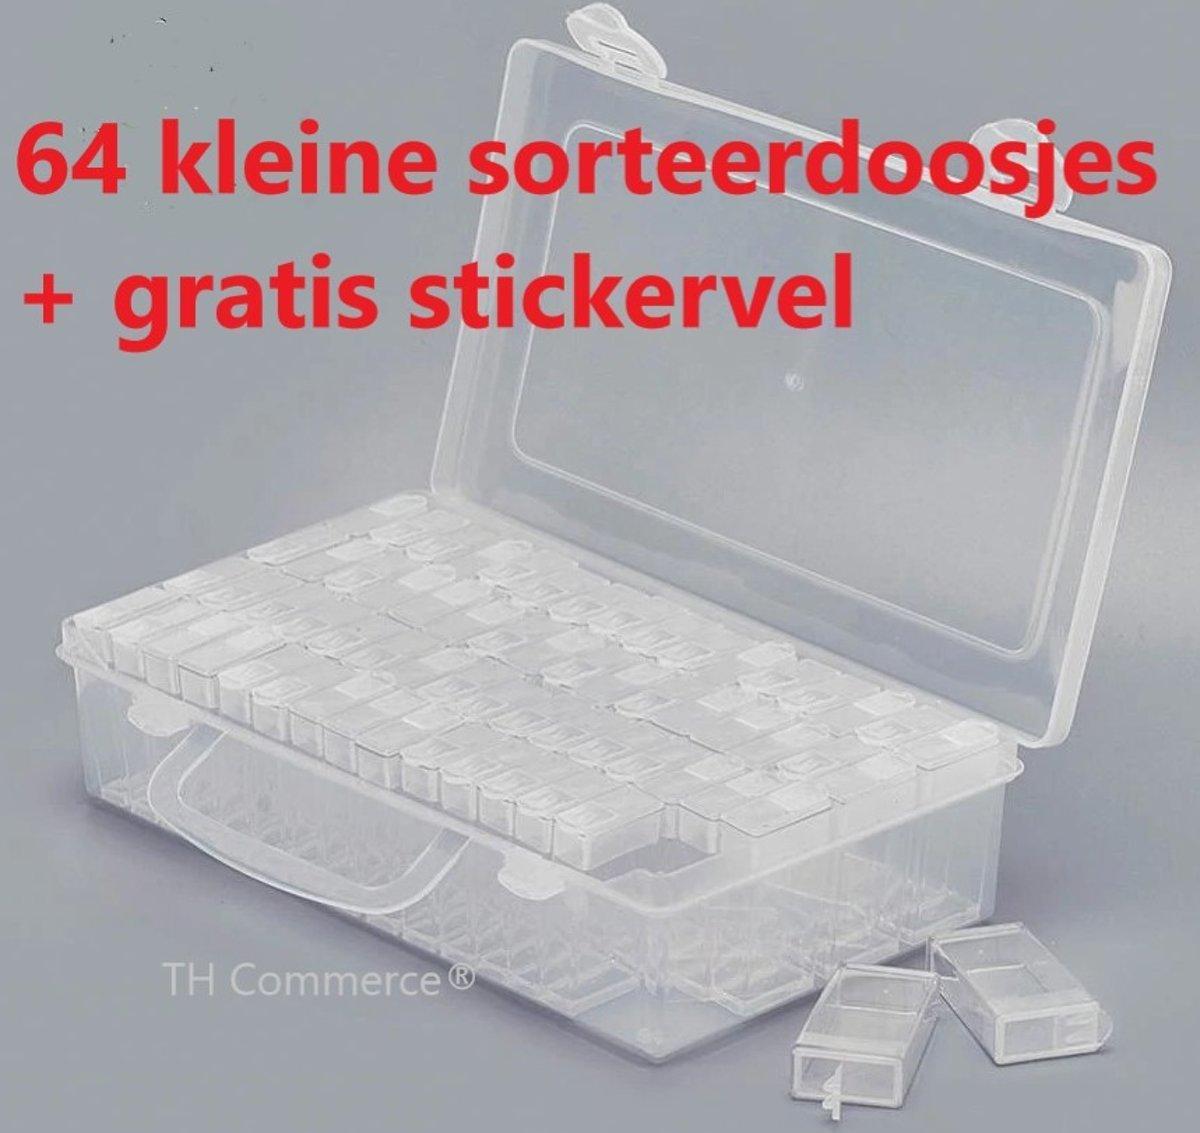 Diamond Painting Sorteerdoos  - sorteer doos - opbergdoos - hobby en bewaar doos TH Commerce® - met 64 doosjes en gratis sticker vel nr 7068 kopen